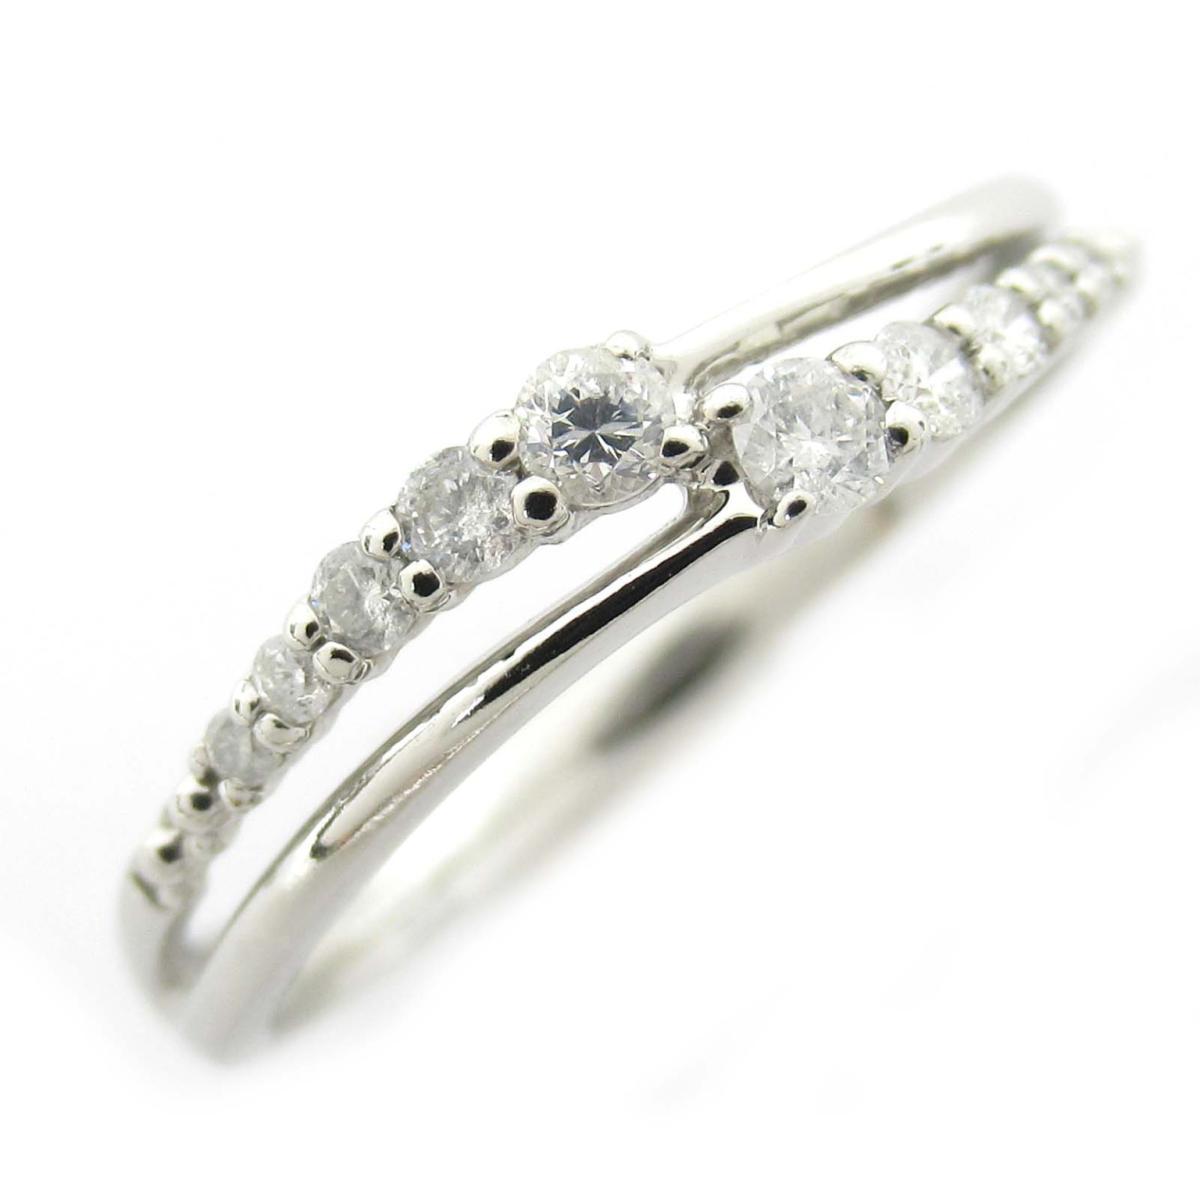 ジュエリー ダイヤモンド リング 指輪 ノーブランドジュエリー レディース PT900 プラチナ x ダイヤモンド0.17CT 【中古】 | JEWELRY BRANDOFF ブランドオフ アクセサリー